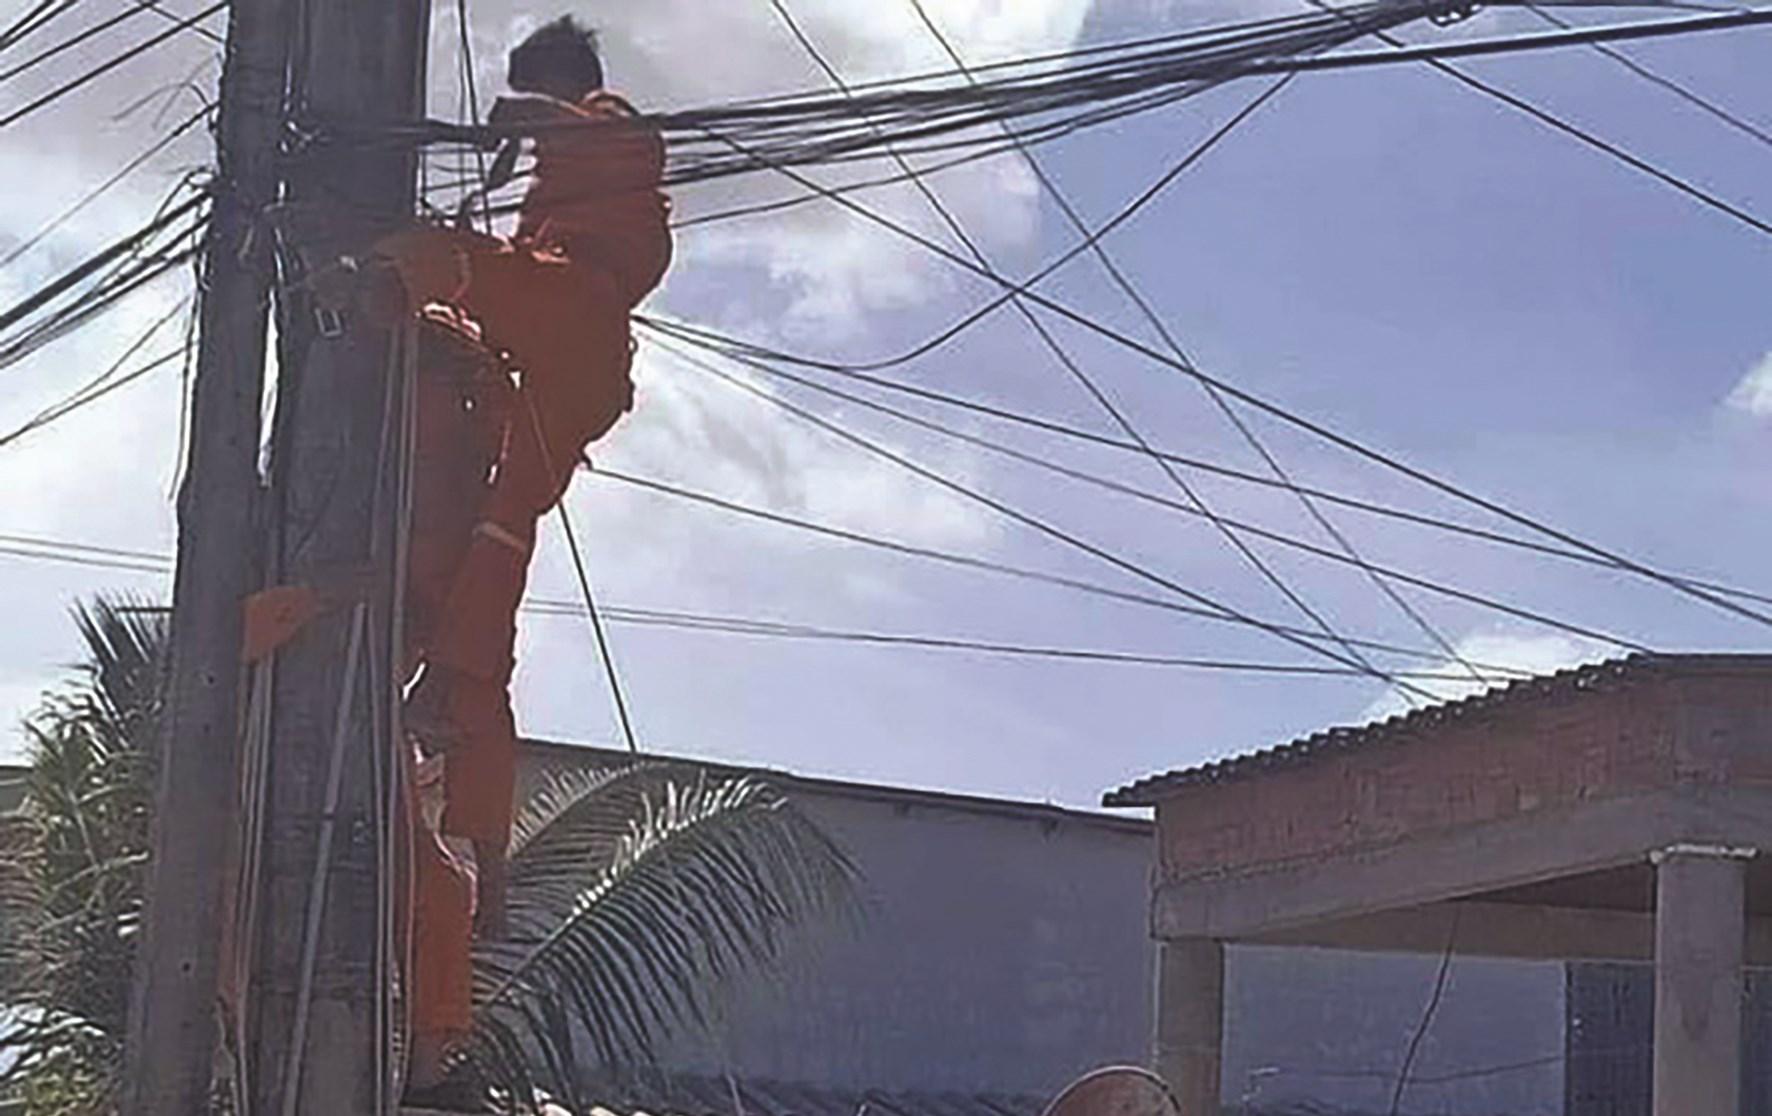 Hiện trường vụ 1 nhân viên điện lực Cà Mau bị điện giật tử vong ngày 8/2/2020. (Ảnh Tư liệu)